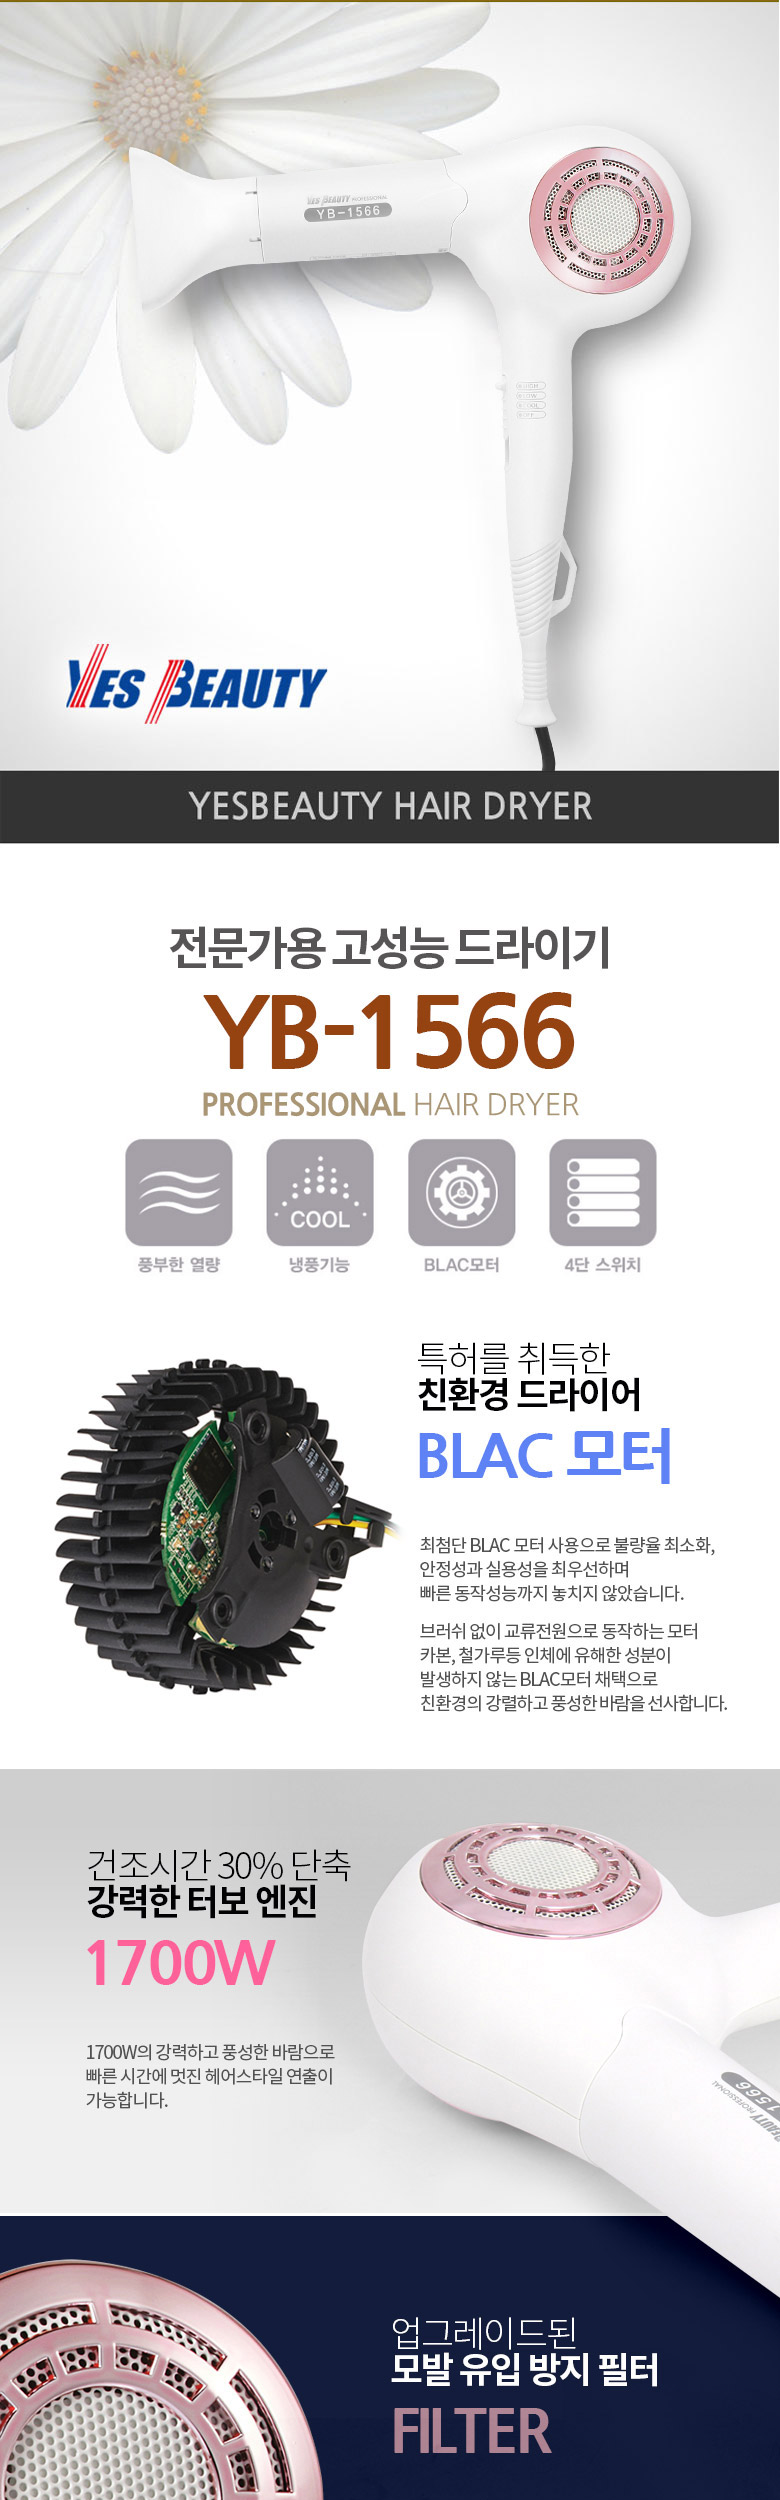 BLAC 고성능 전문가용 헤어드라이어 YB-1566 - 예스뷰티, 55,300원, 헤어기기, 드라이어